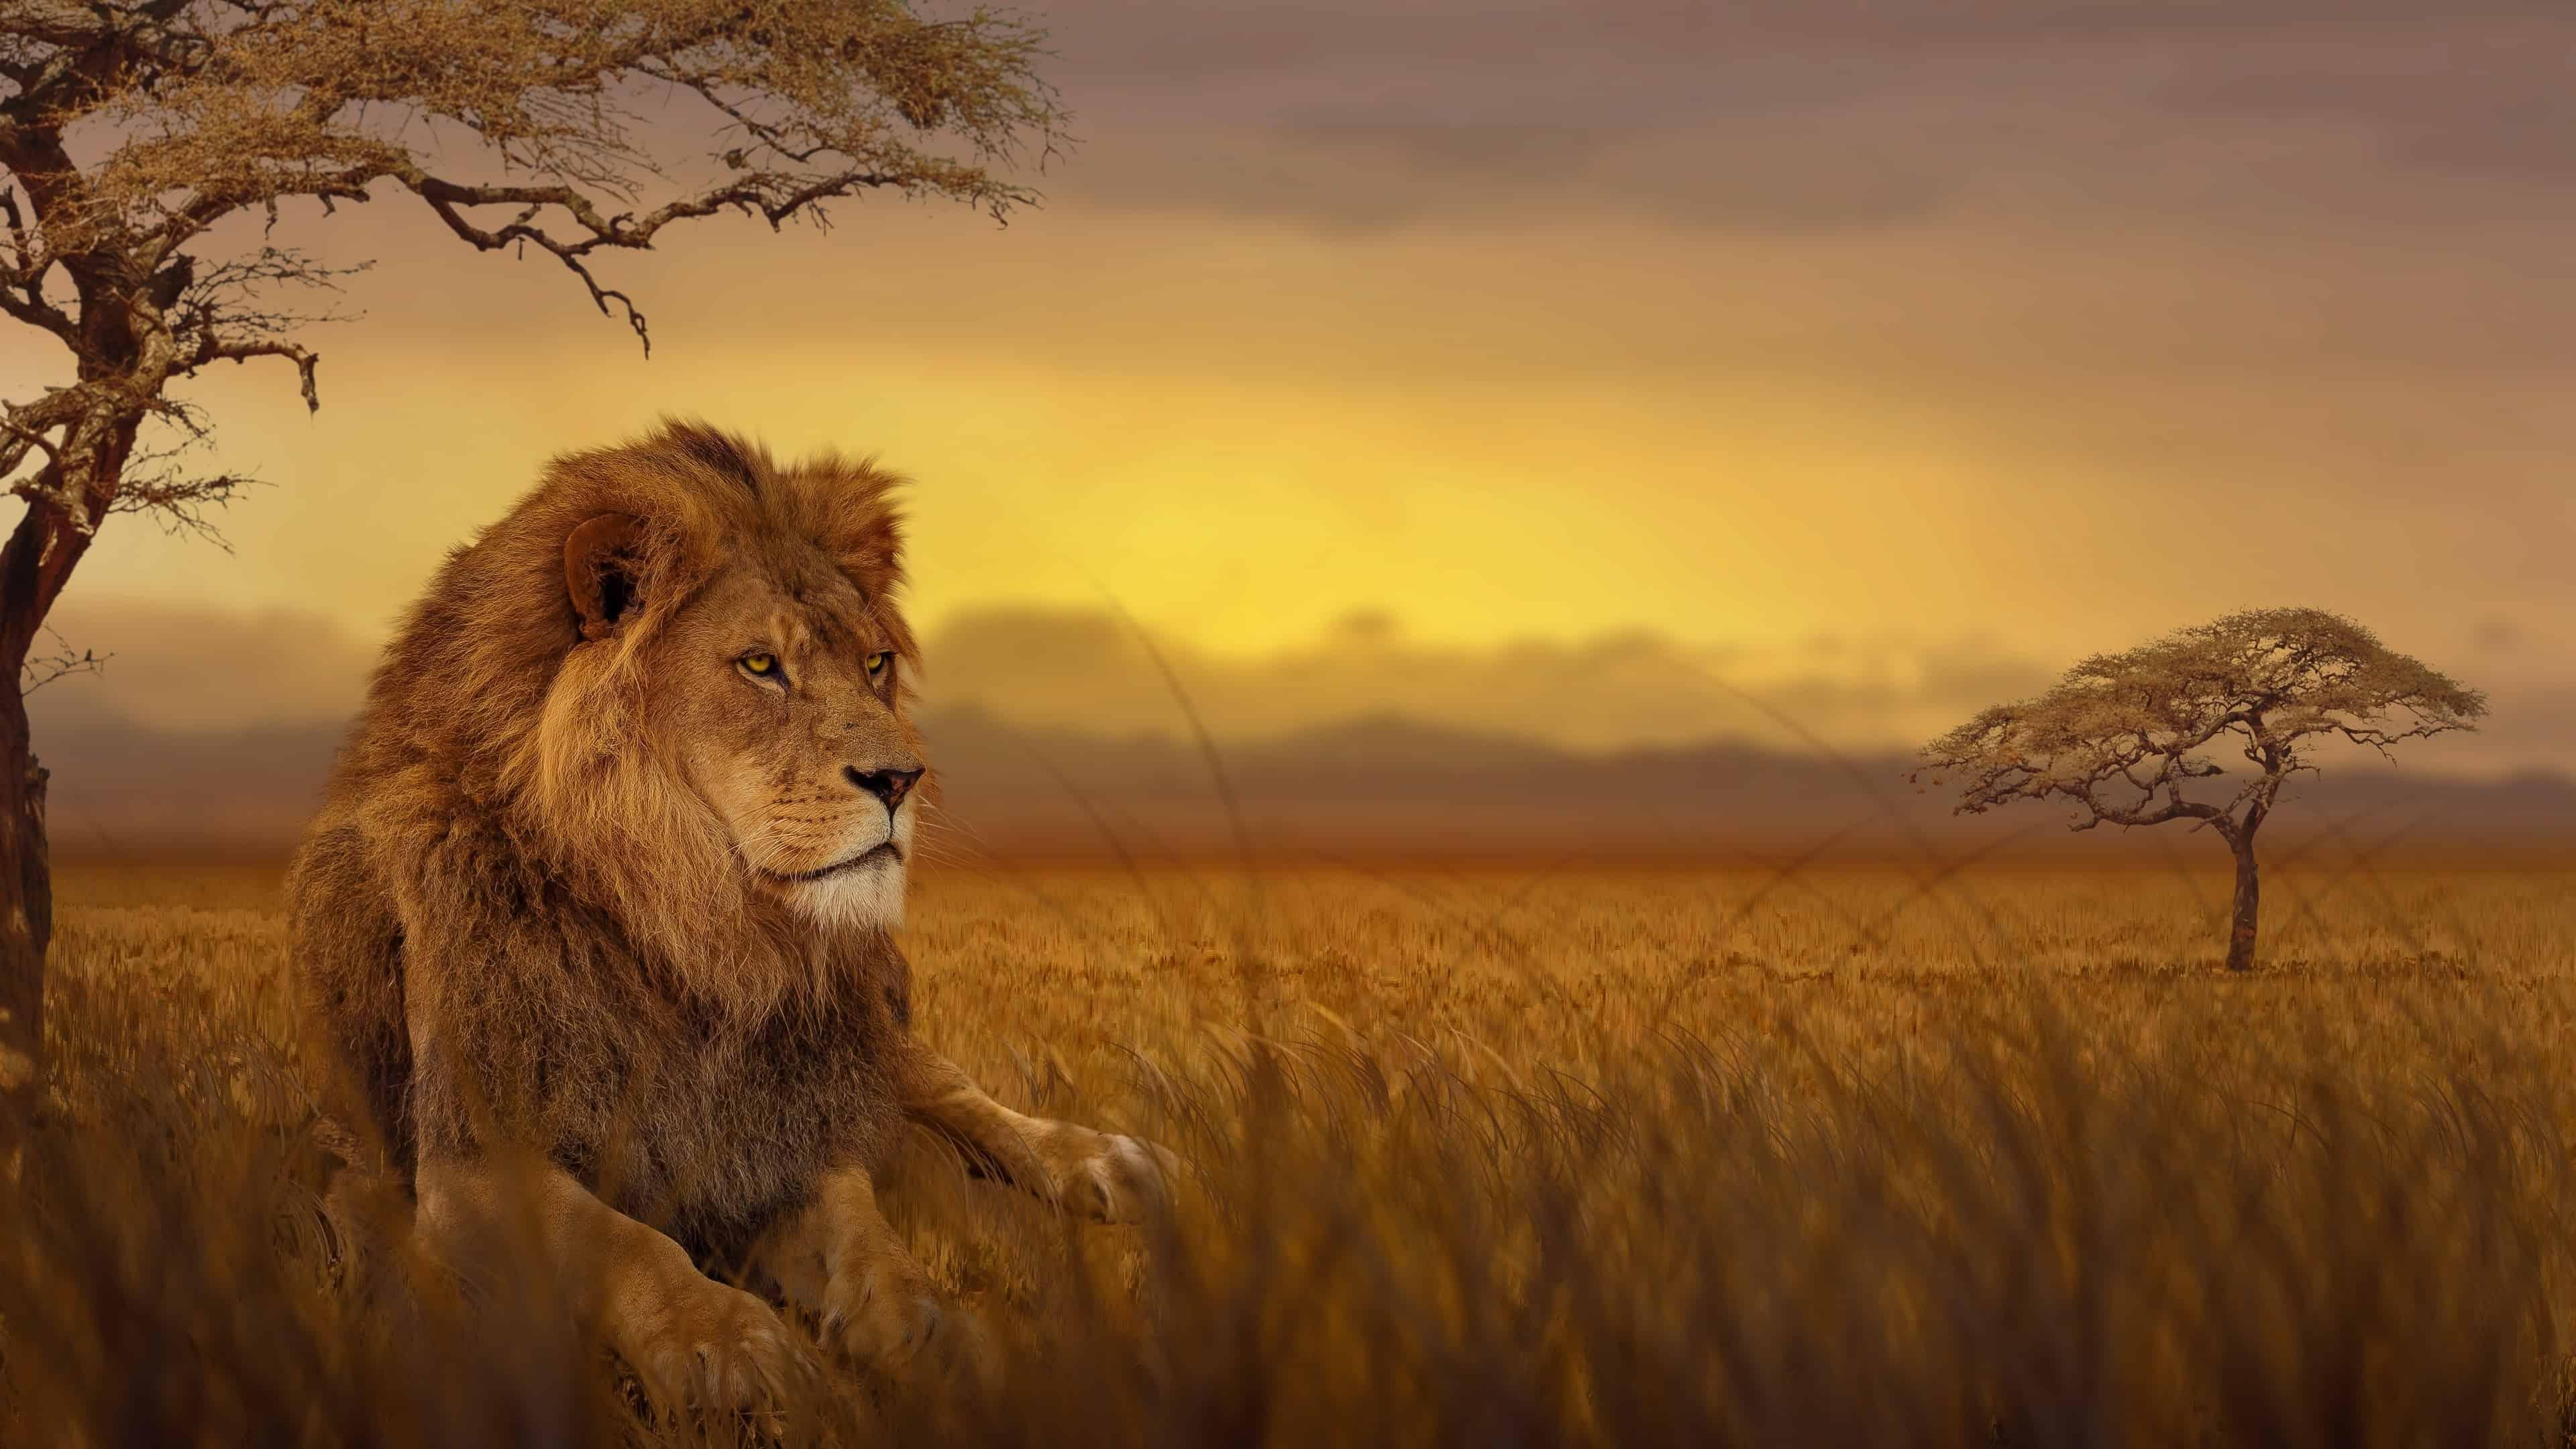 Hình nền sư tử ngoài thiên nhiên hoang dã